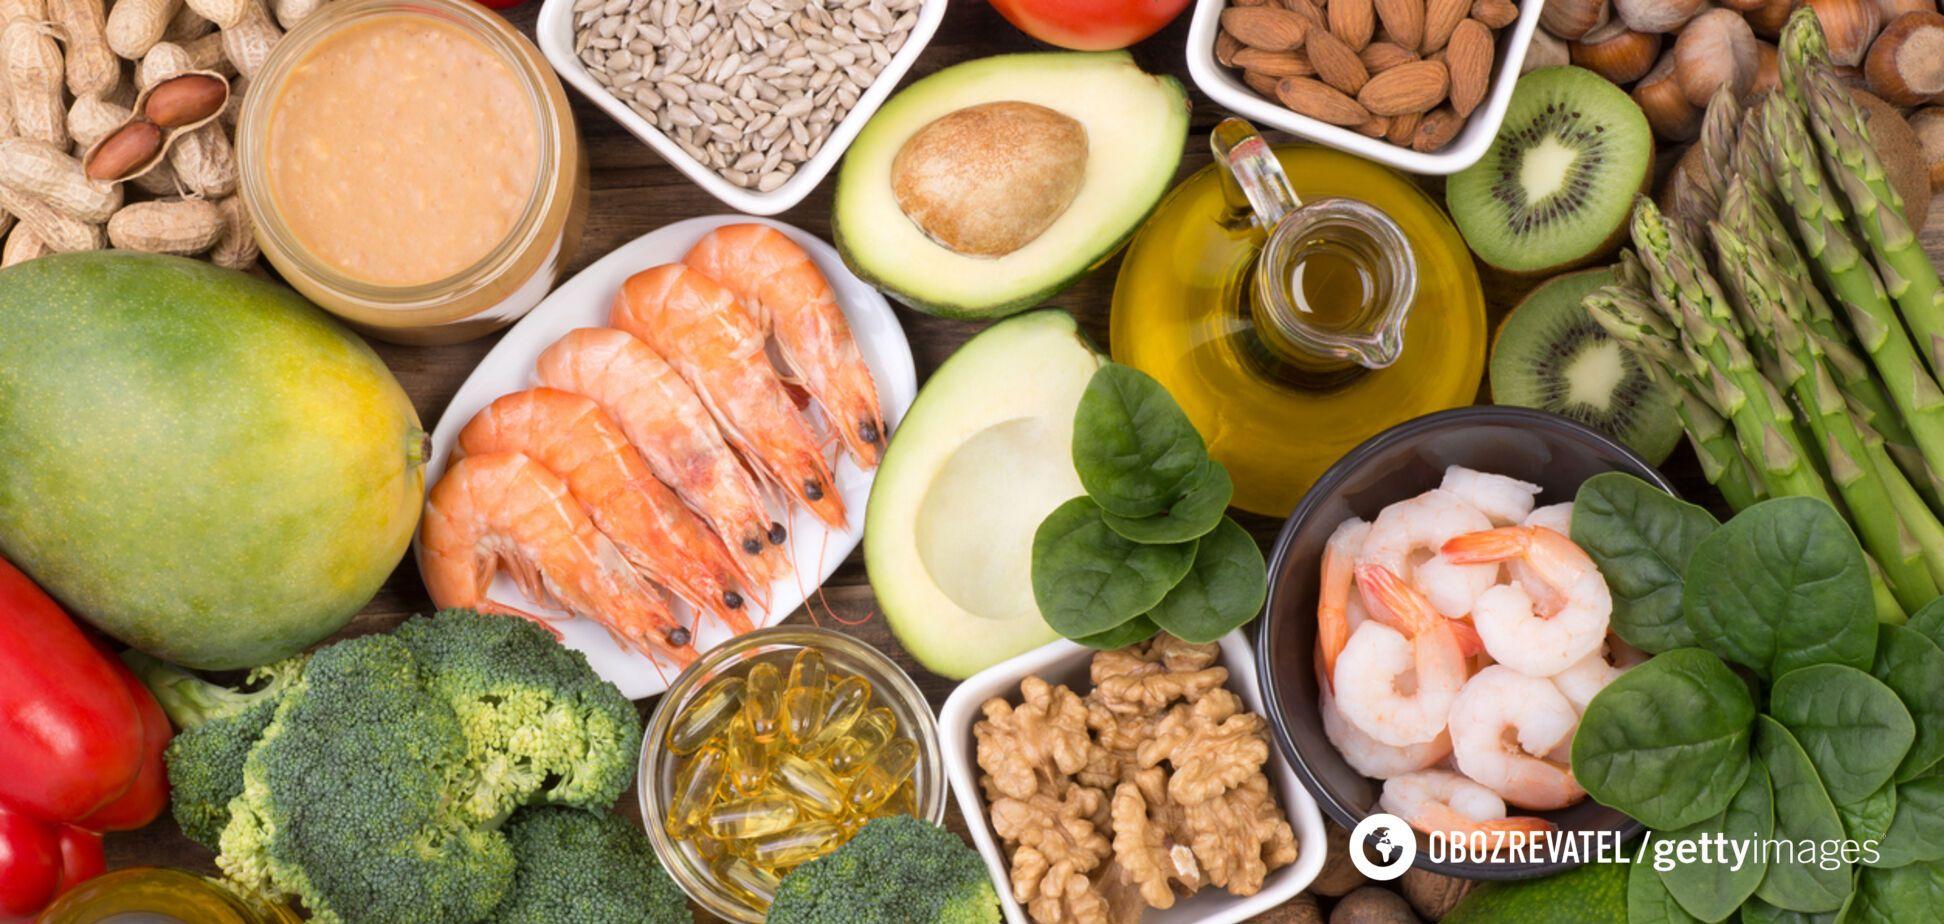 Вітамін Е: озвучено користь для організму і продукти, в яких він міститься